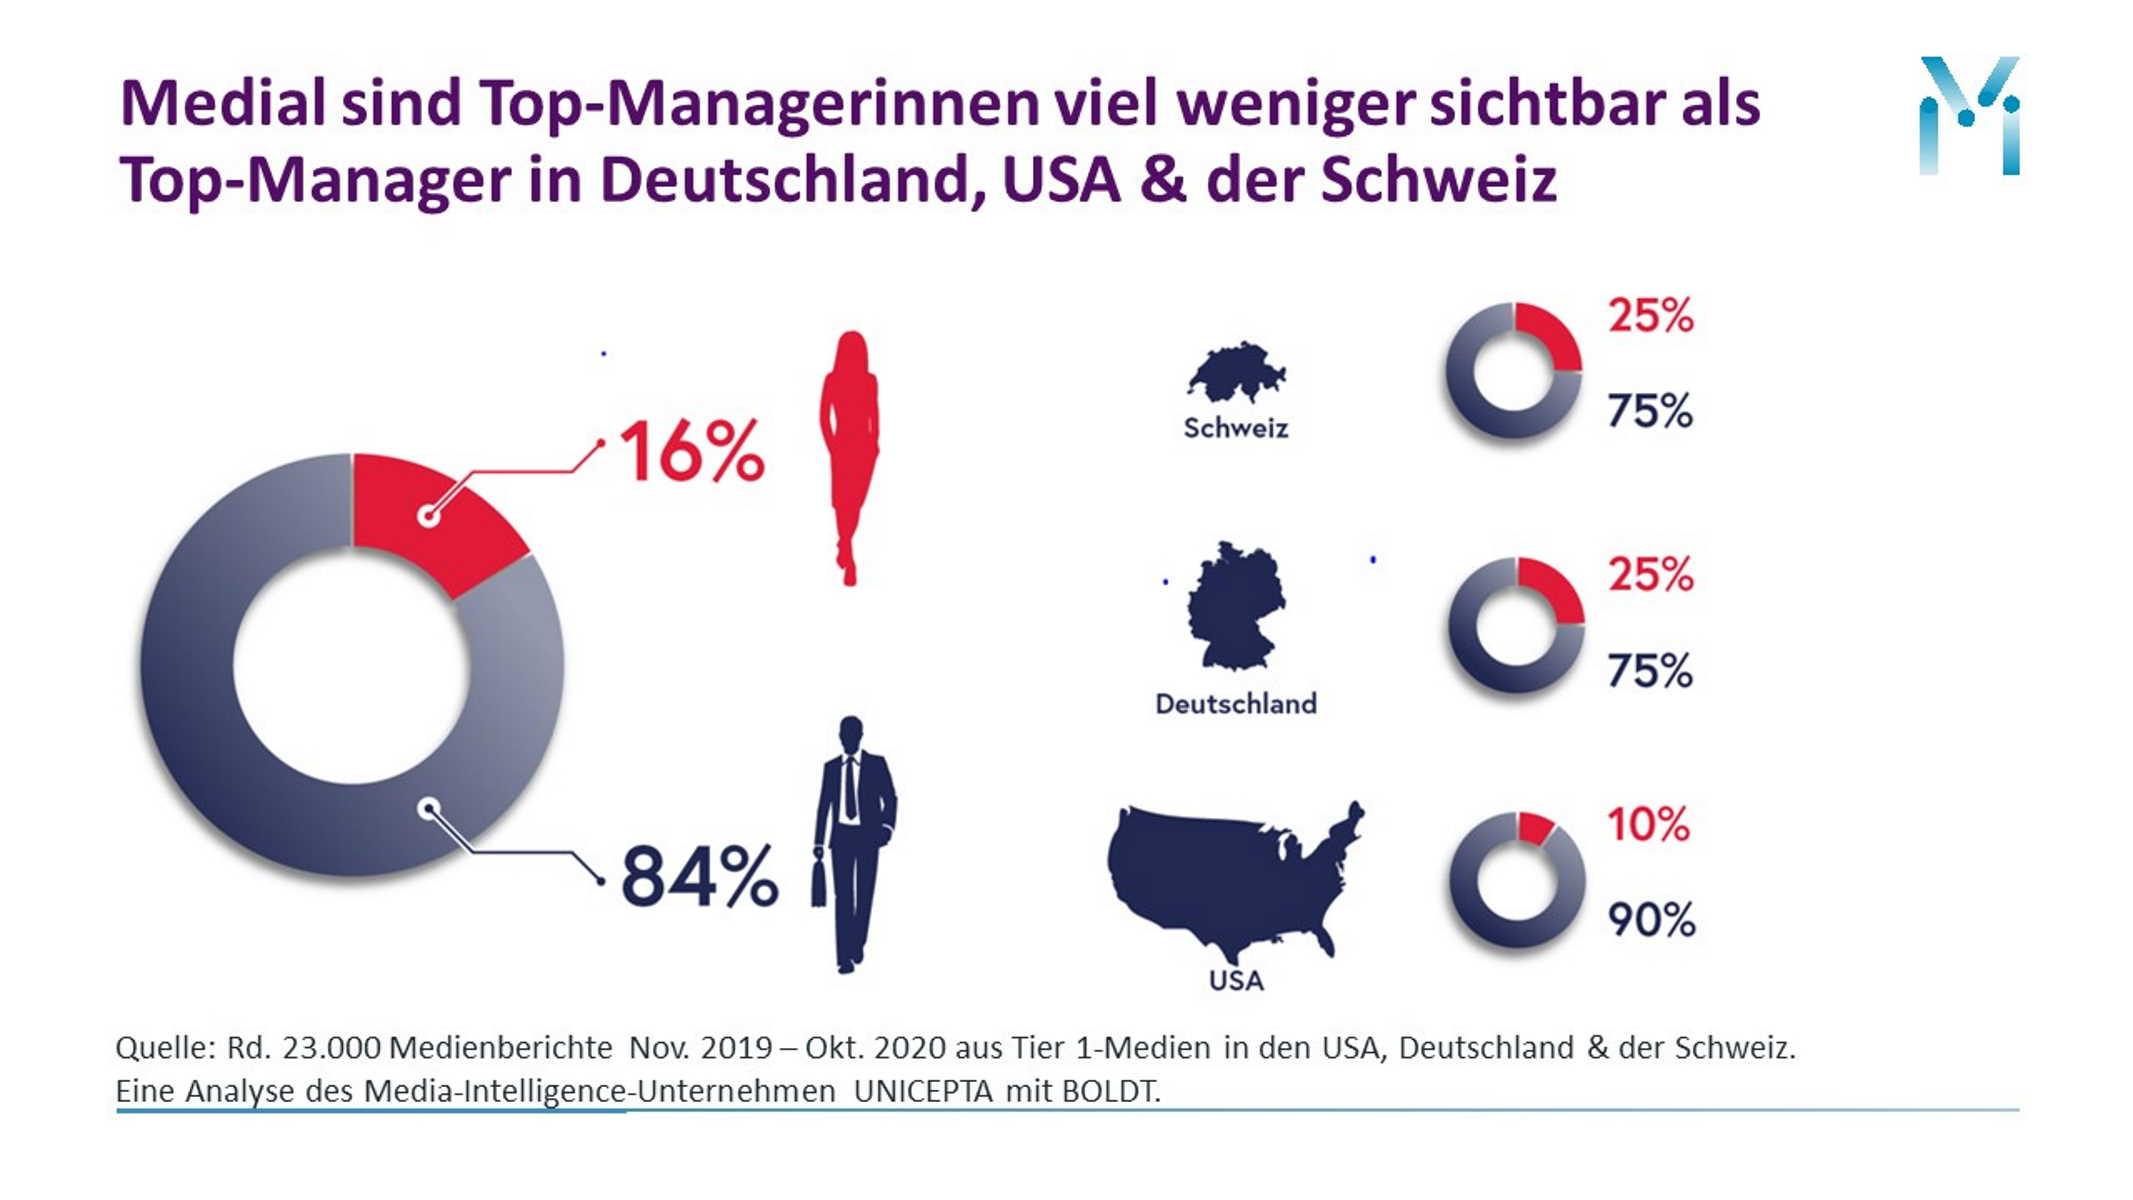 Sichtbarkeit von Top-Managerinnen